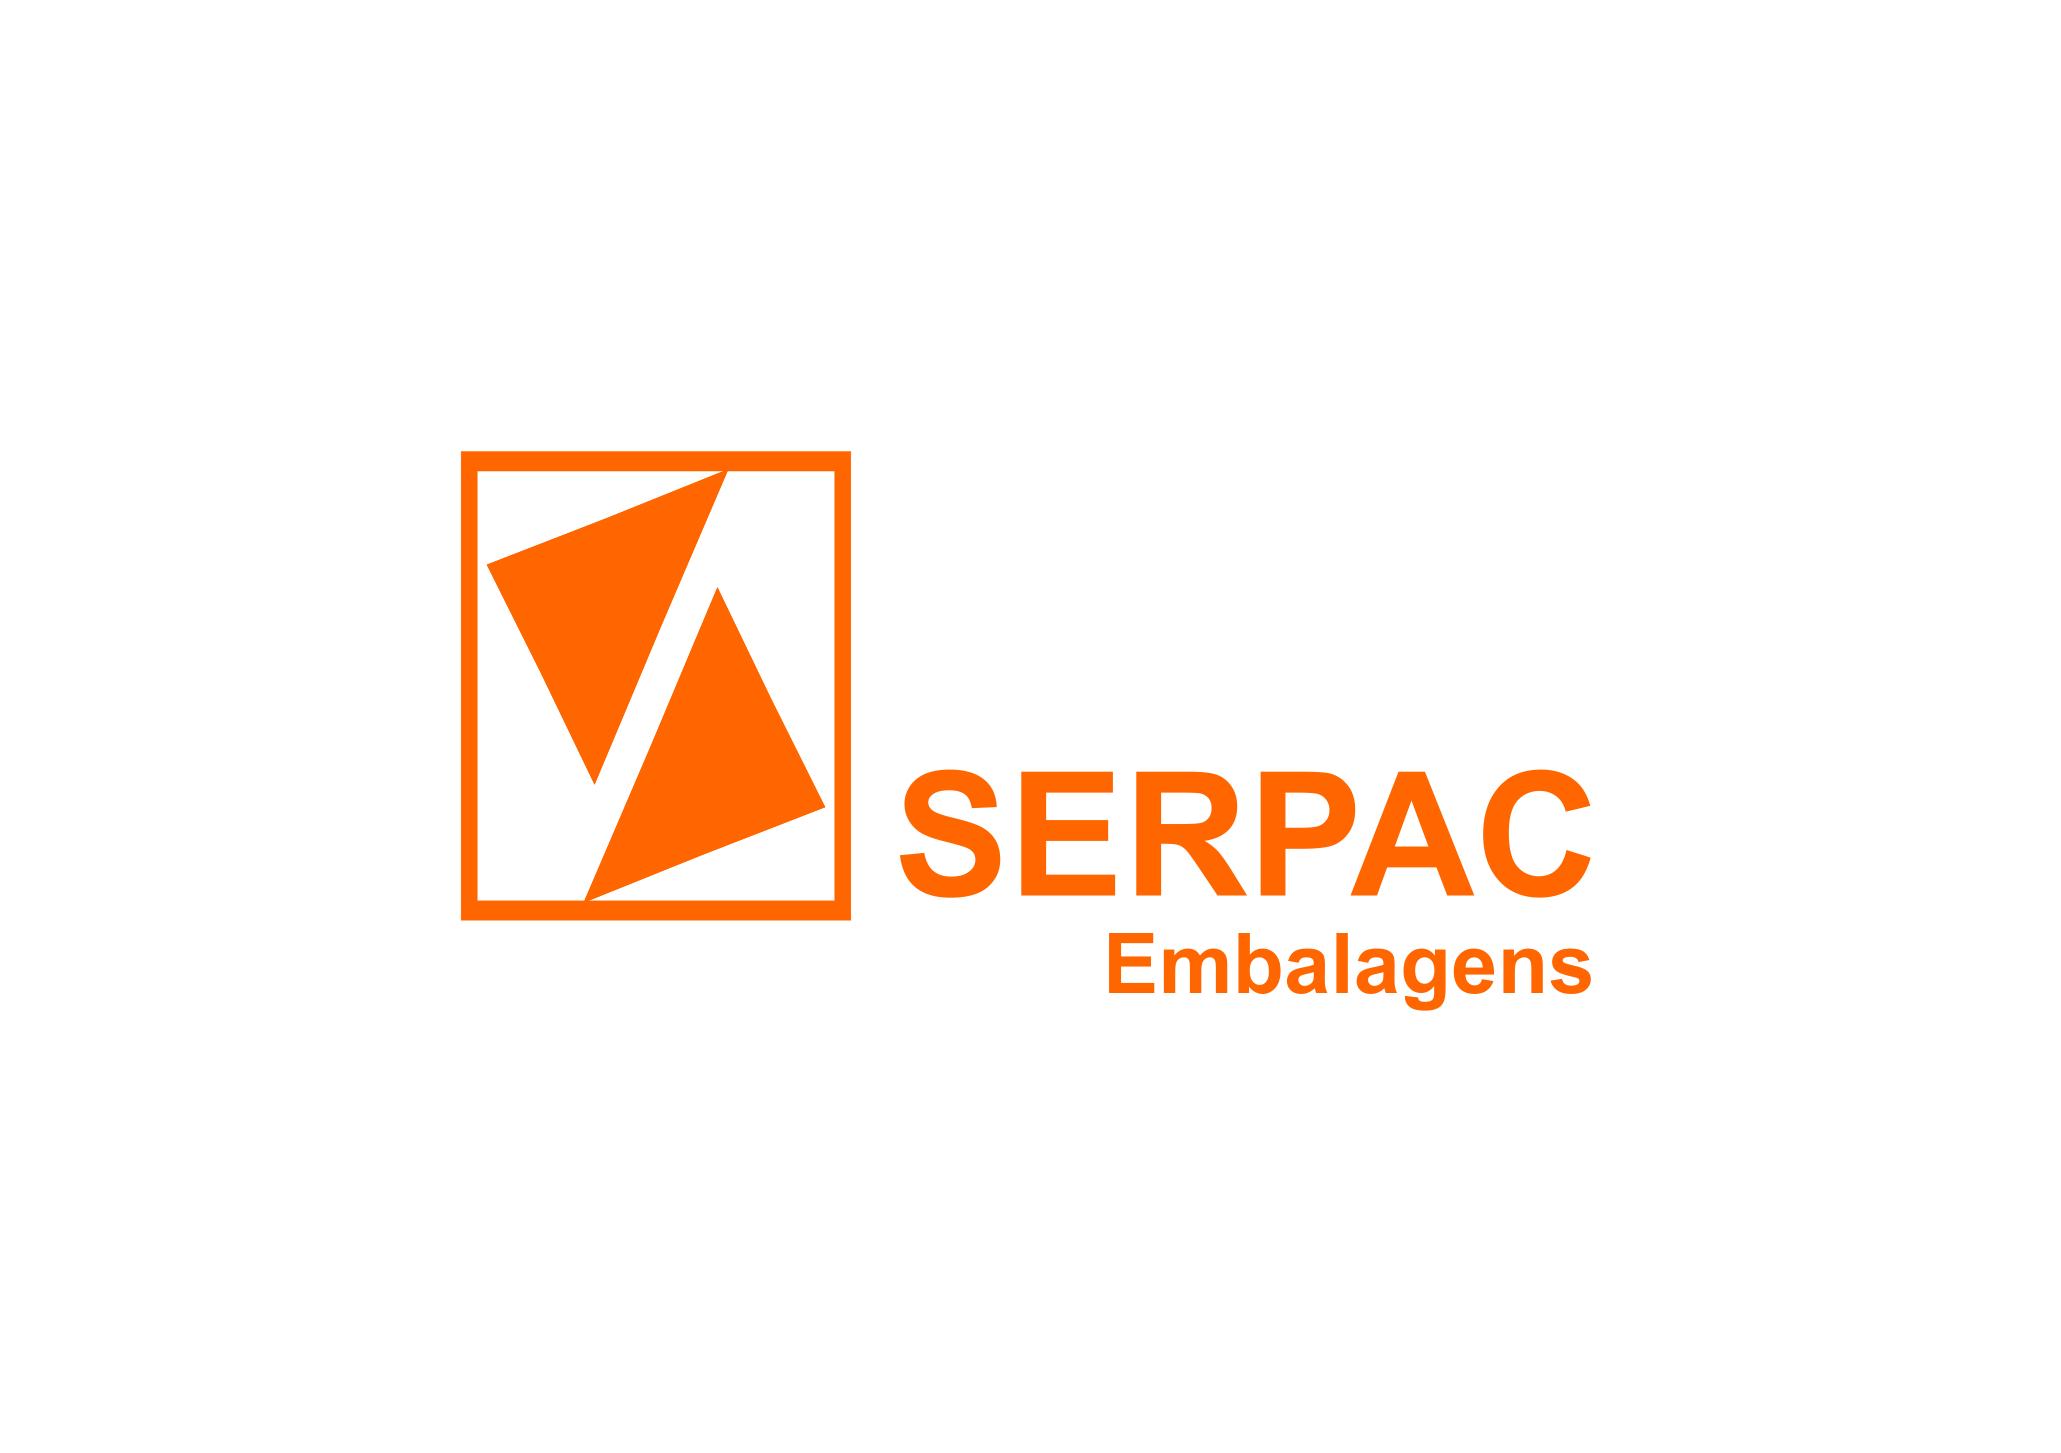 Serpac